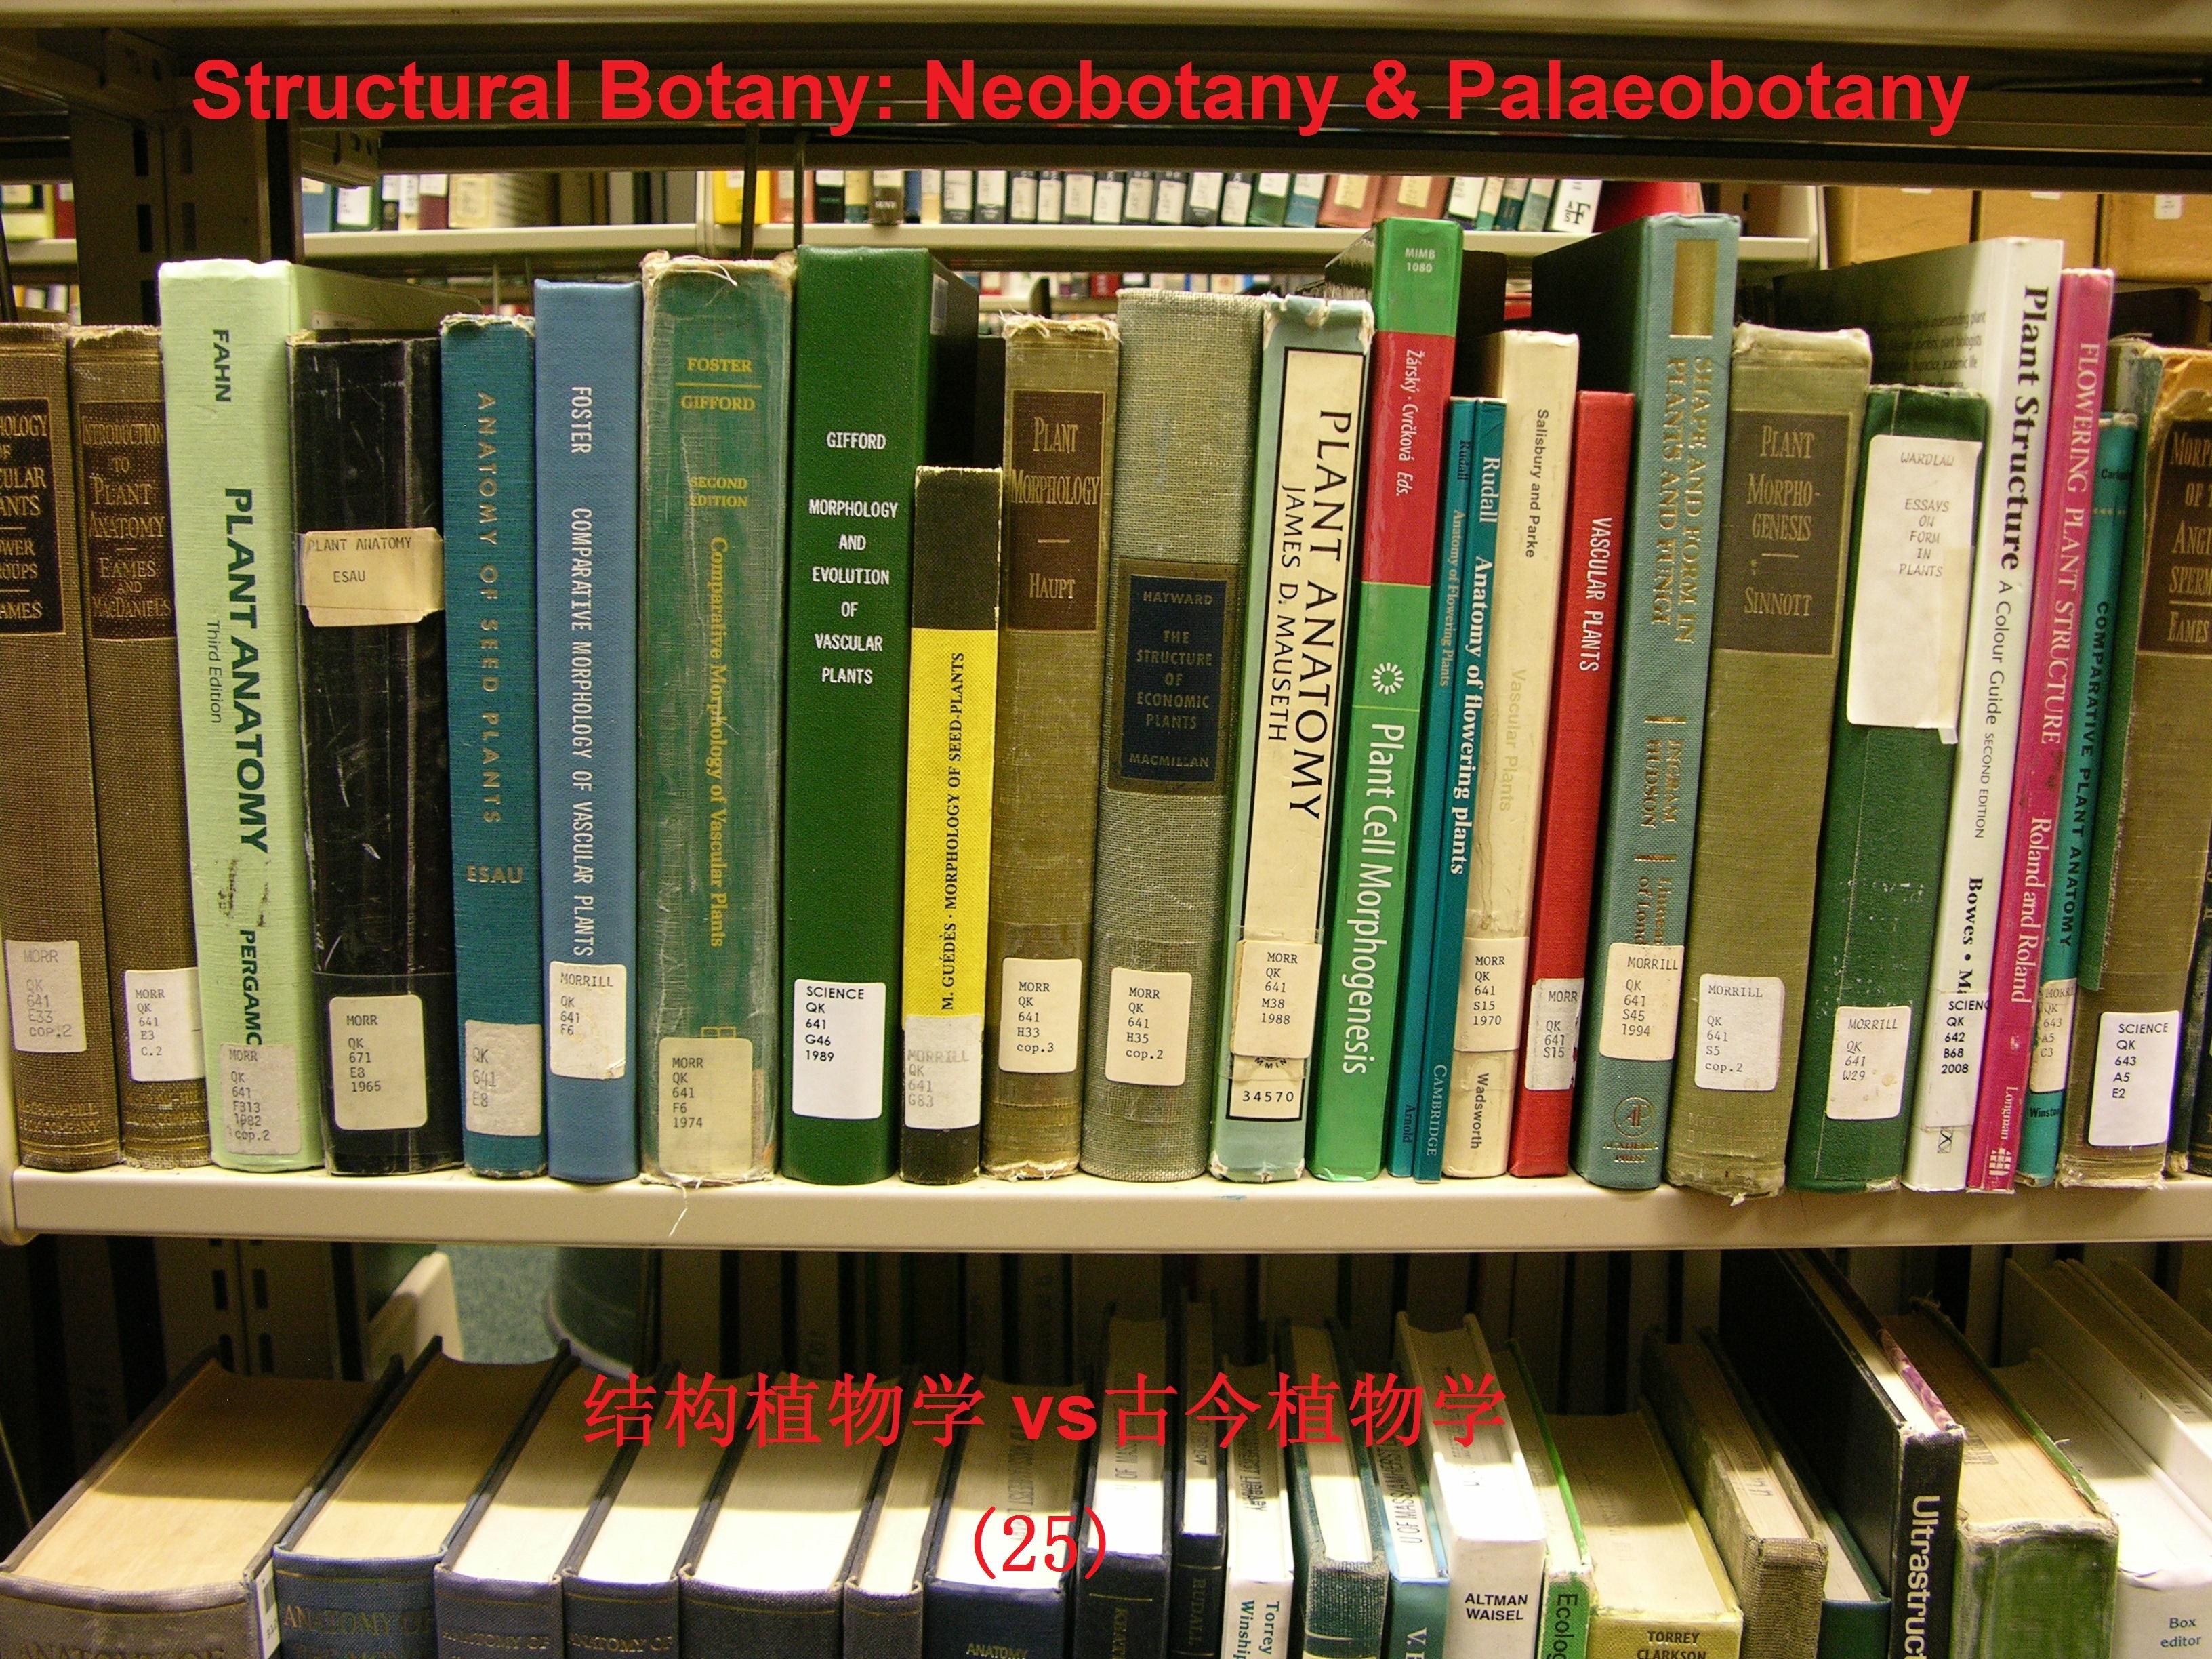 DSCN9778-structural botany logo-25.jpg